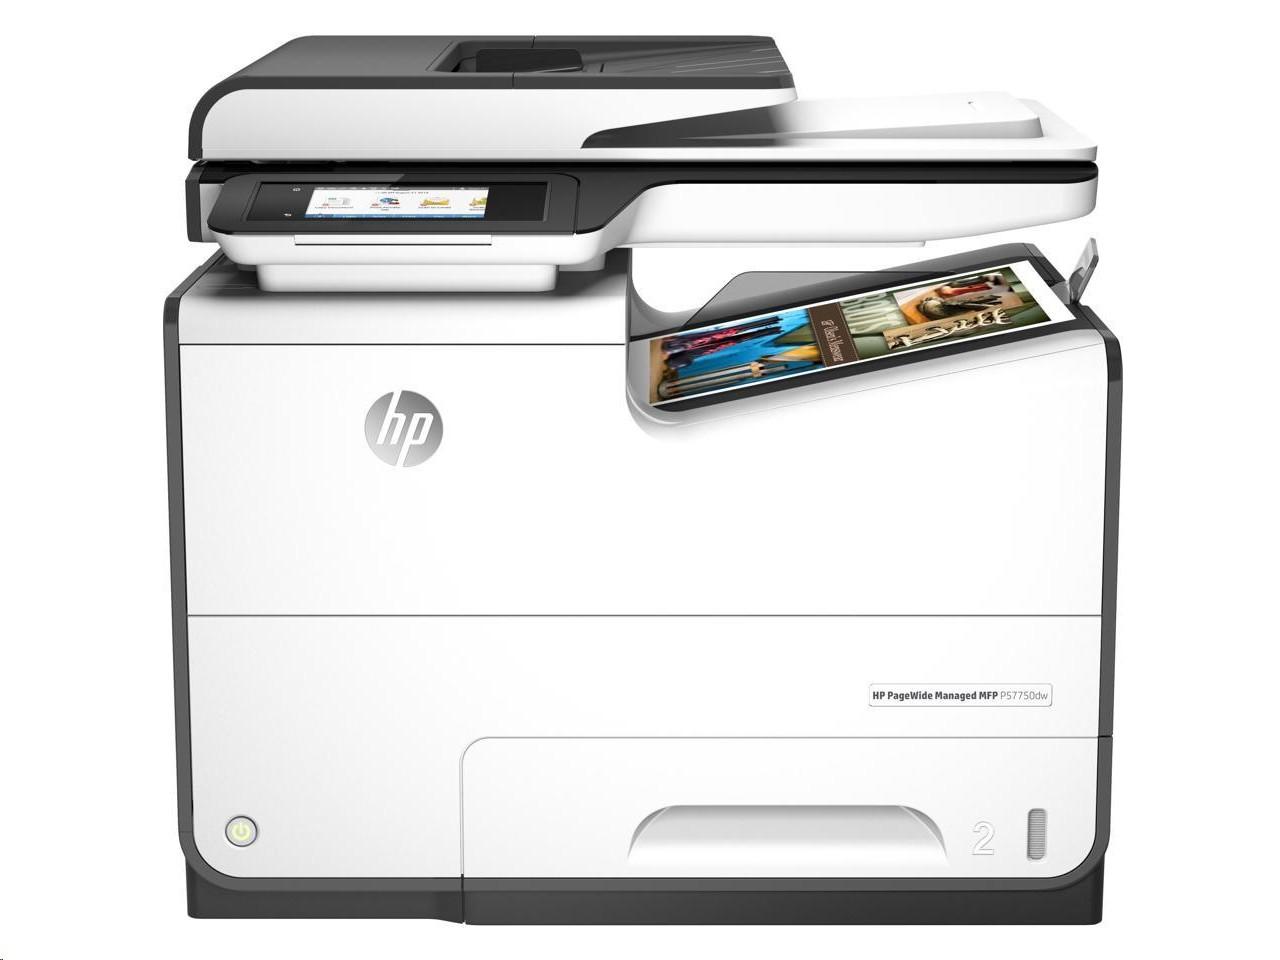 Hp Pagewide P57750dw Duplex Usb Lan Inkjet Printer J9V82A#B1H